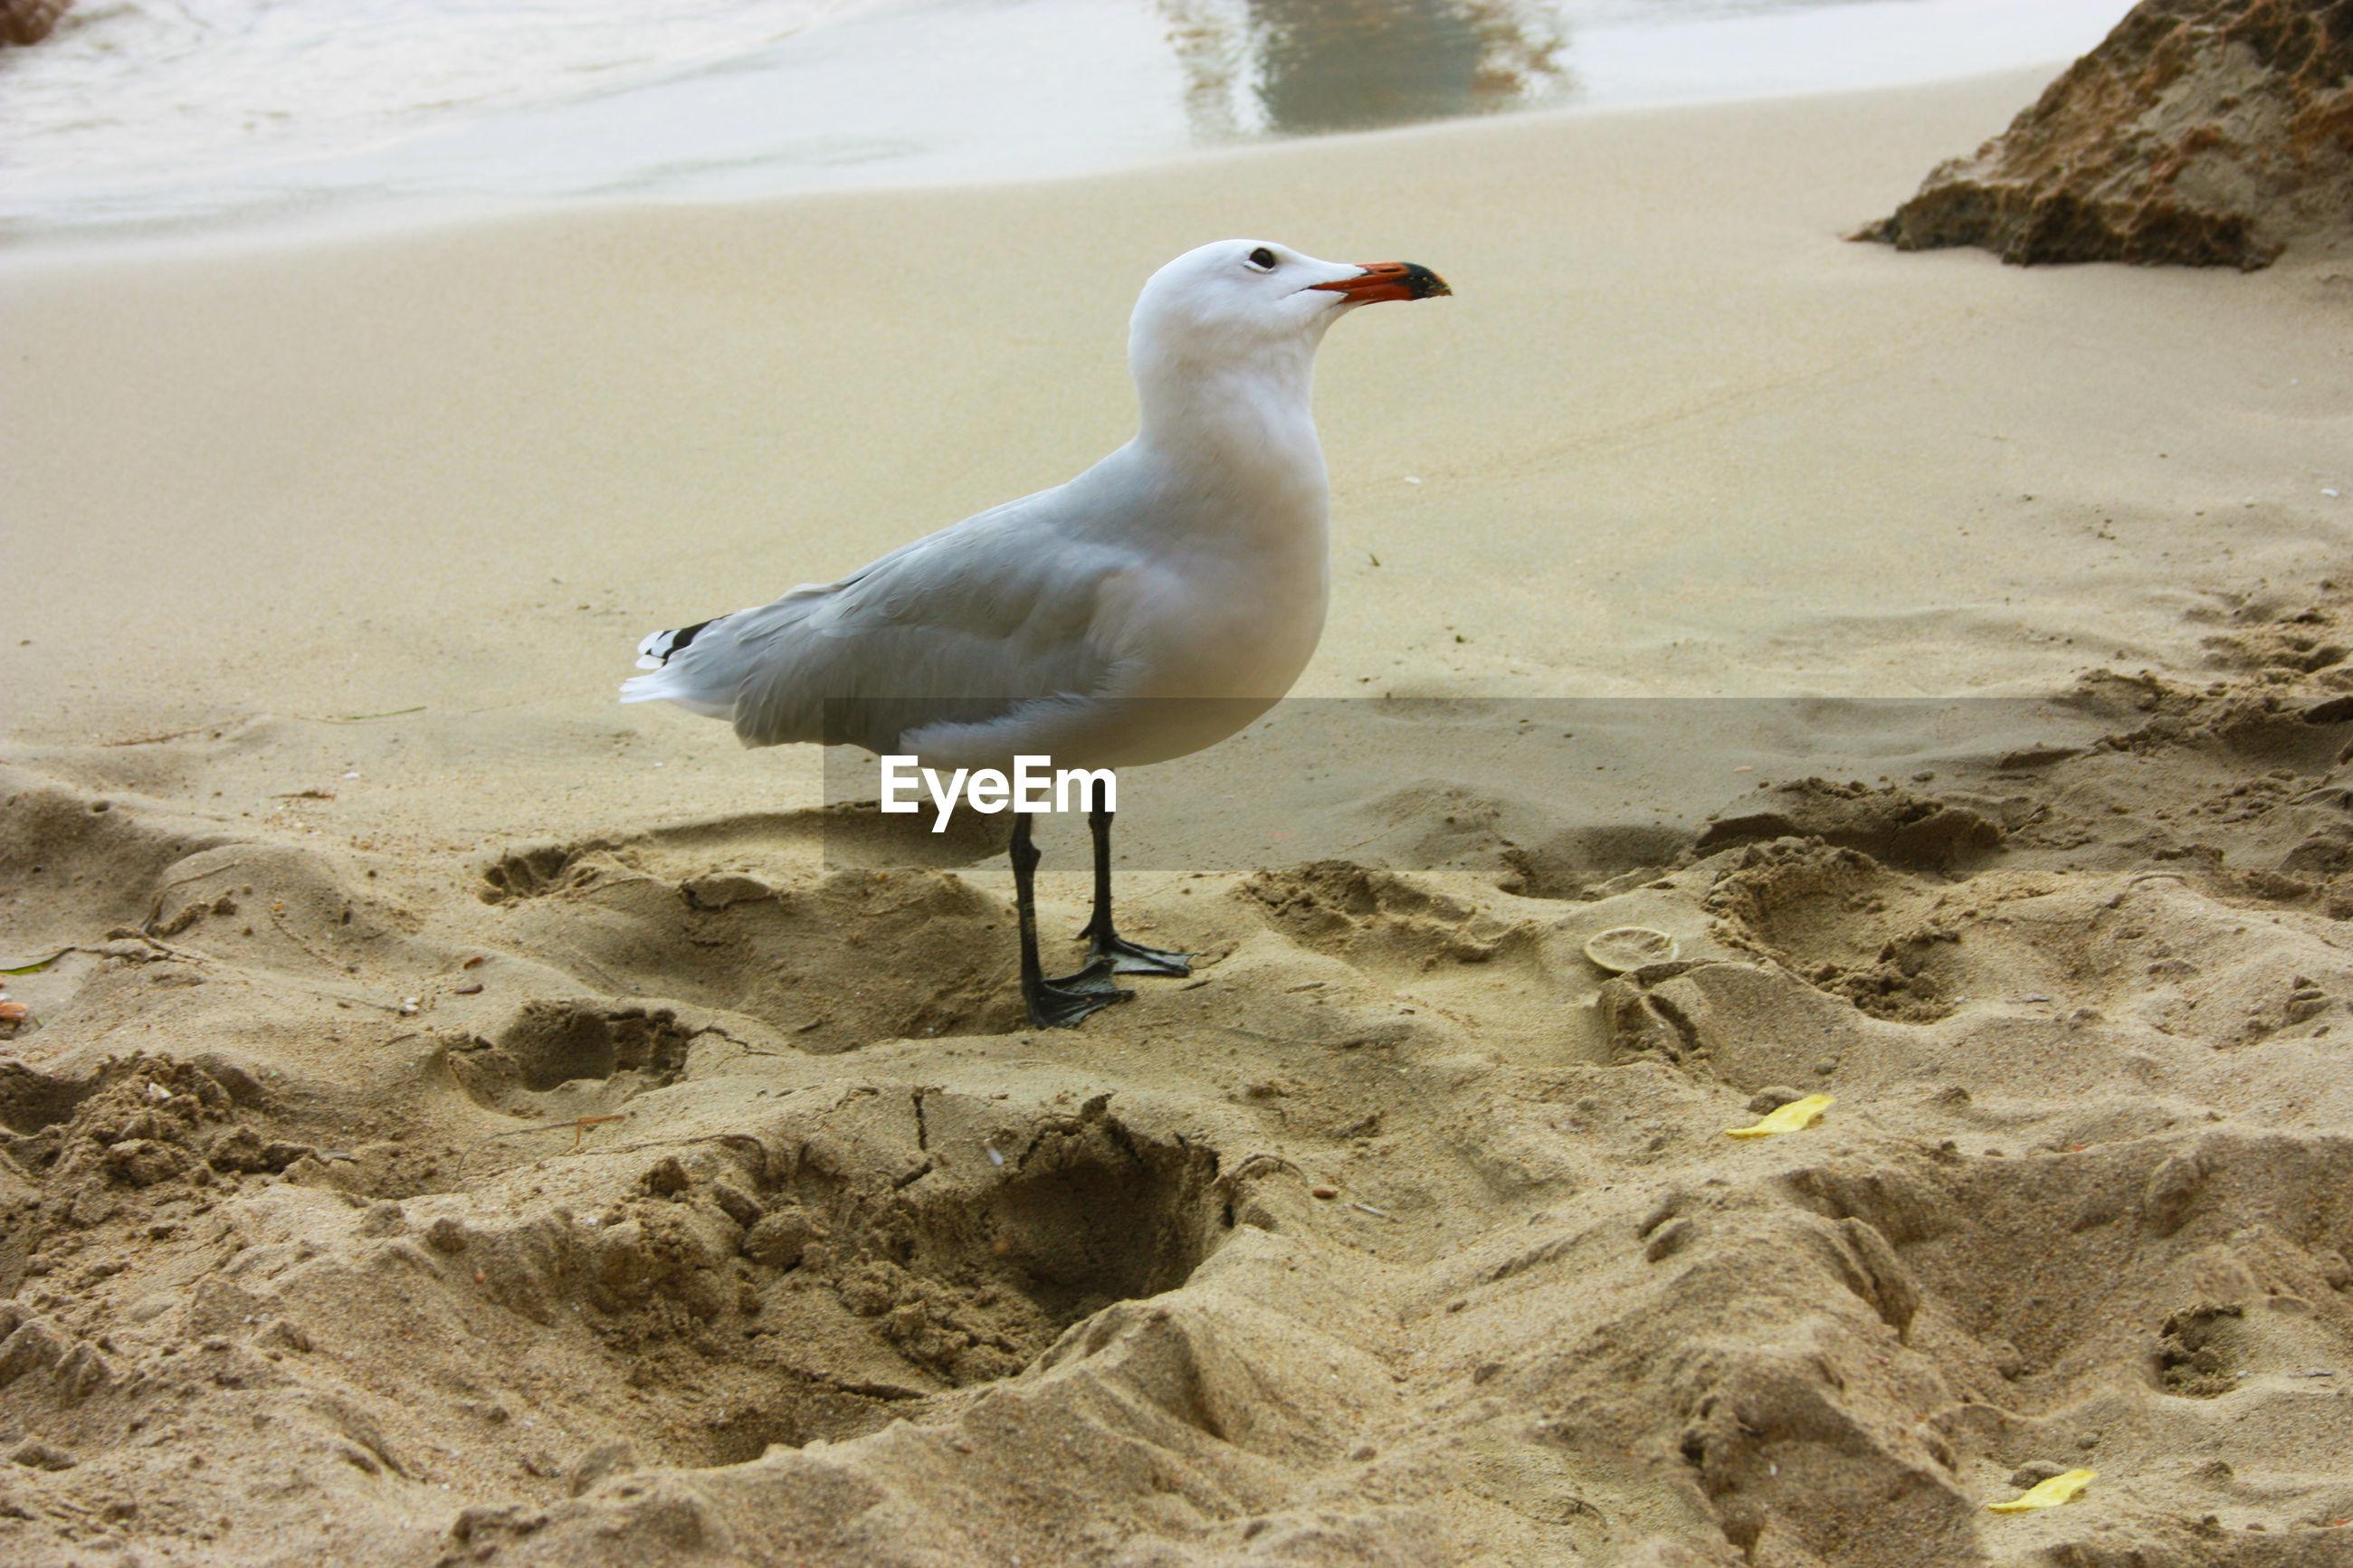 Seagull perching on a beach